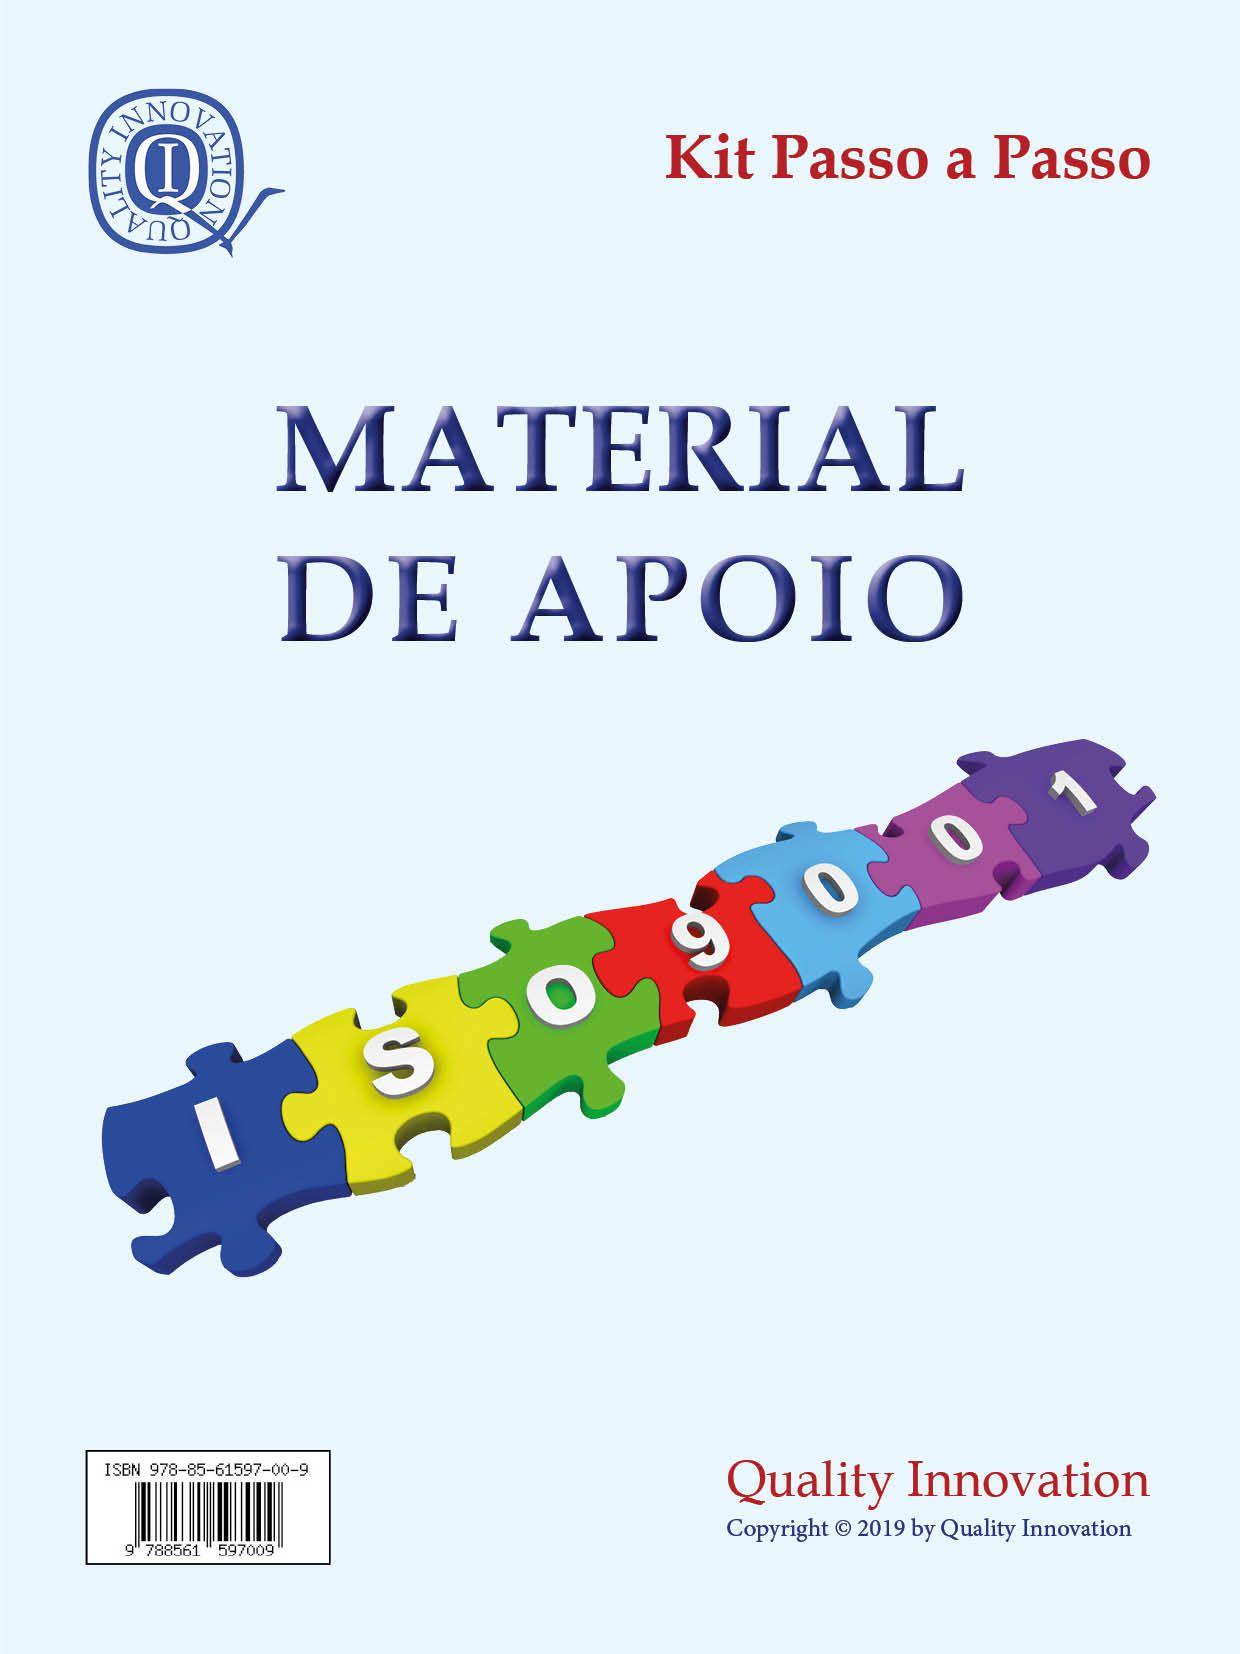 Material de Apoio da ISO 9001  - www.qualistore.net.br